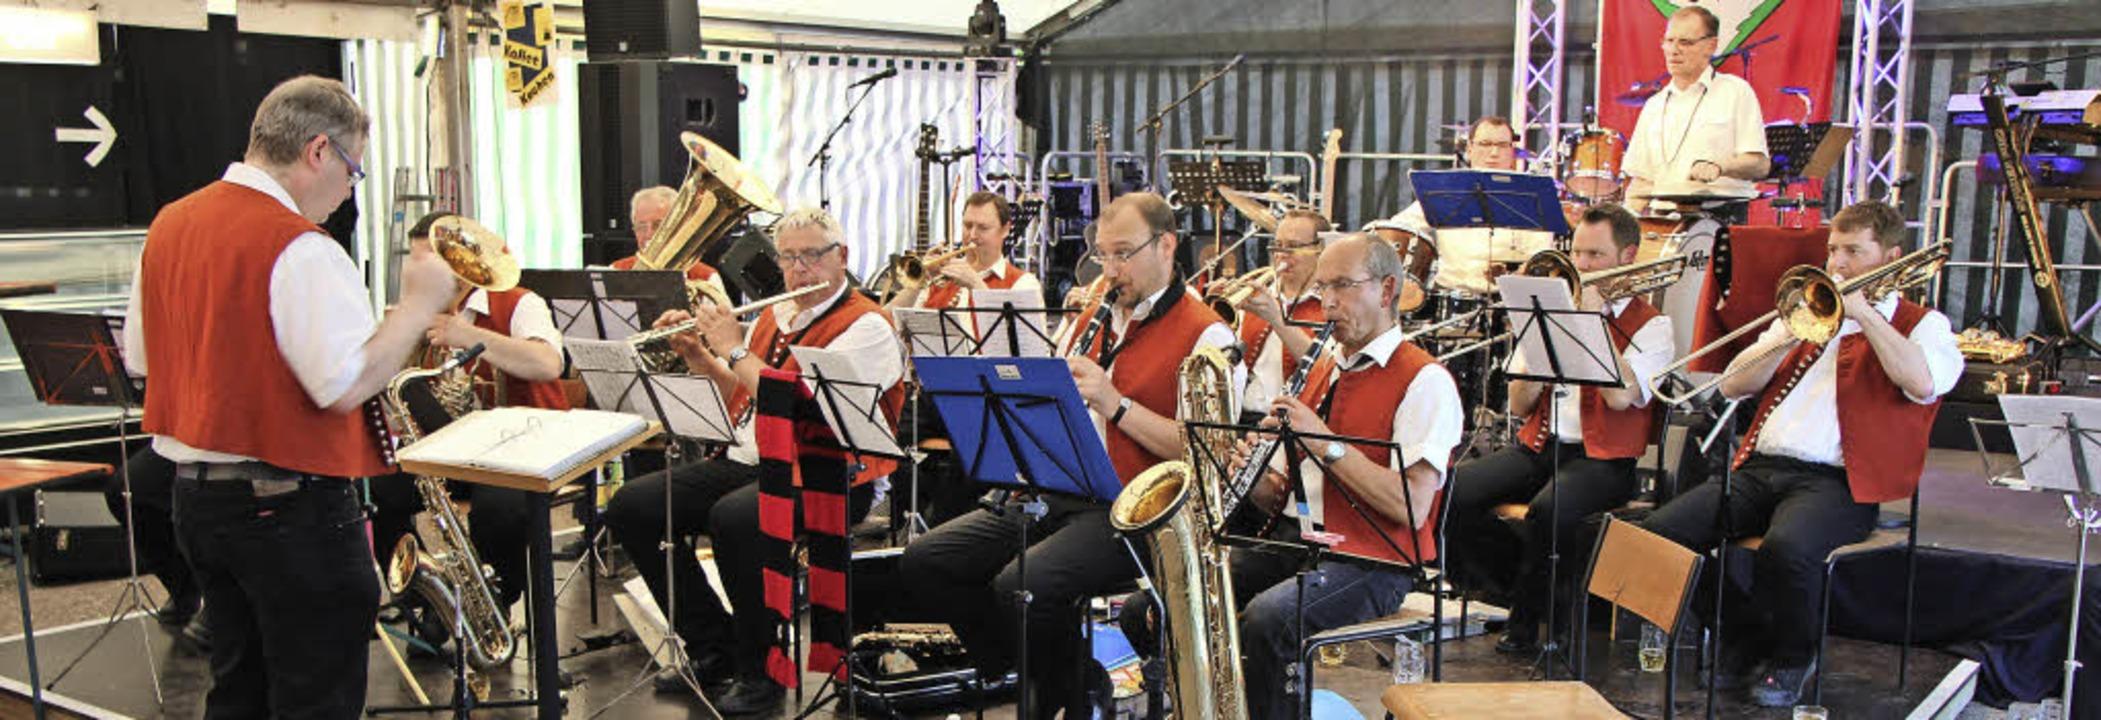 Die Tännlehau-Musikanten aus Geisingen...Musikfest gleich mehrfach im Einsatz.   | Foto: Helmut Hassler